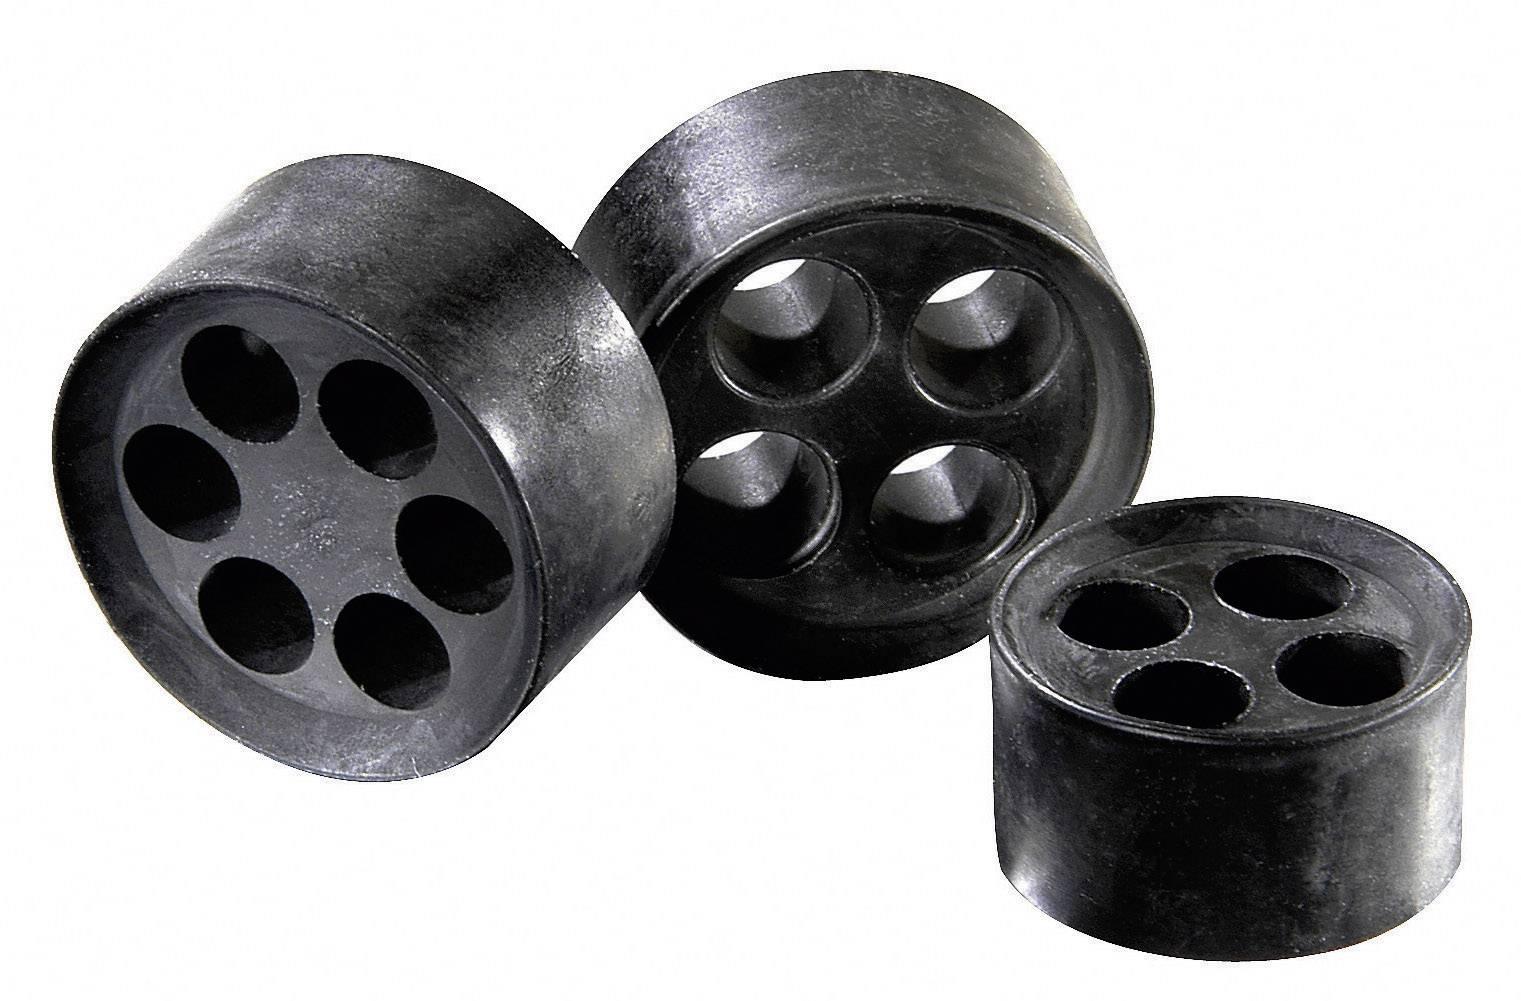 Těsnicí vložka M25 Wiska MFD 25/03/070 (10064342), IP66, M25, elastomer, černá